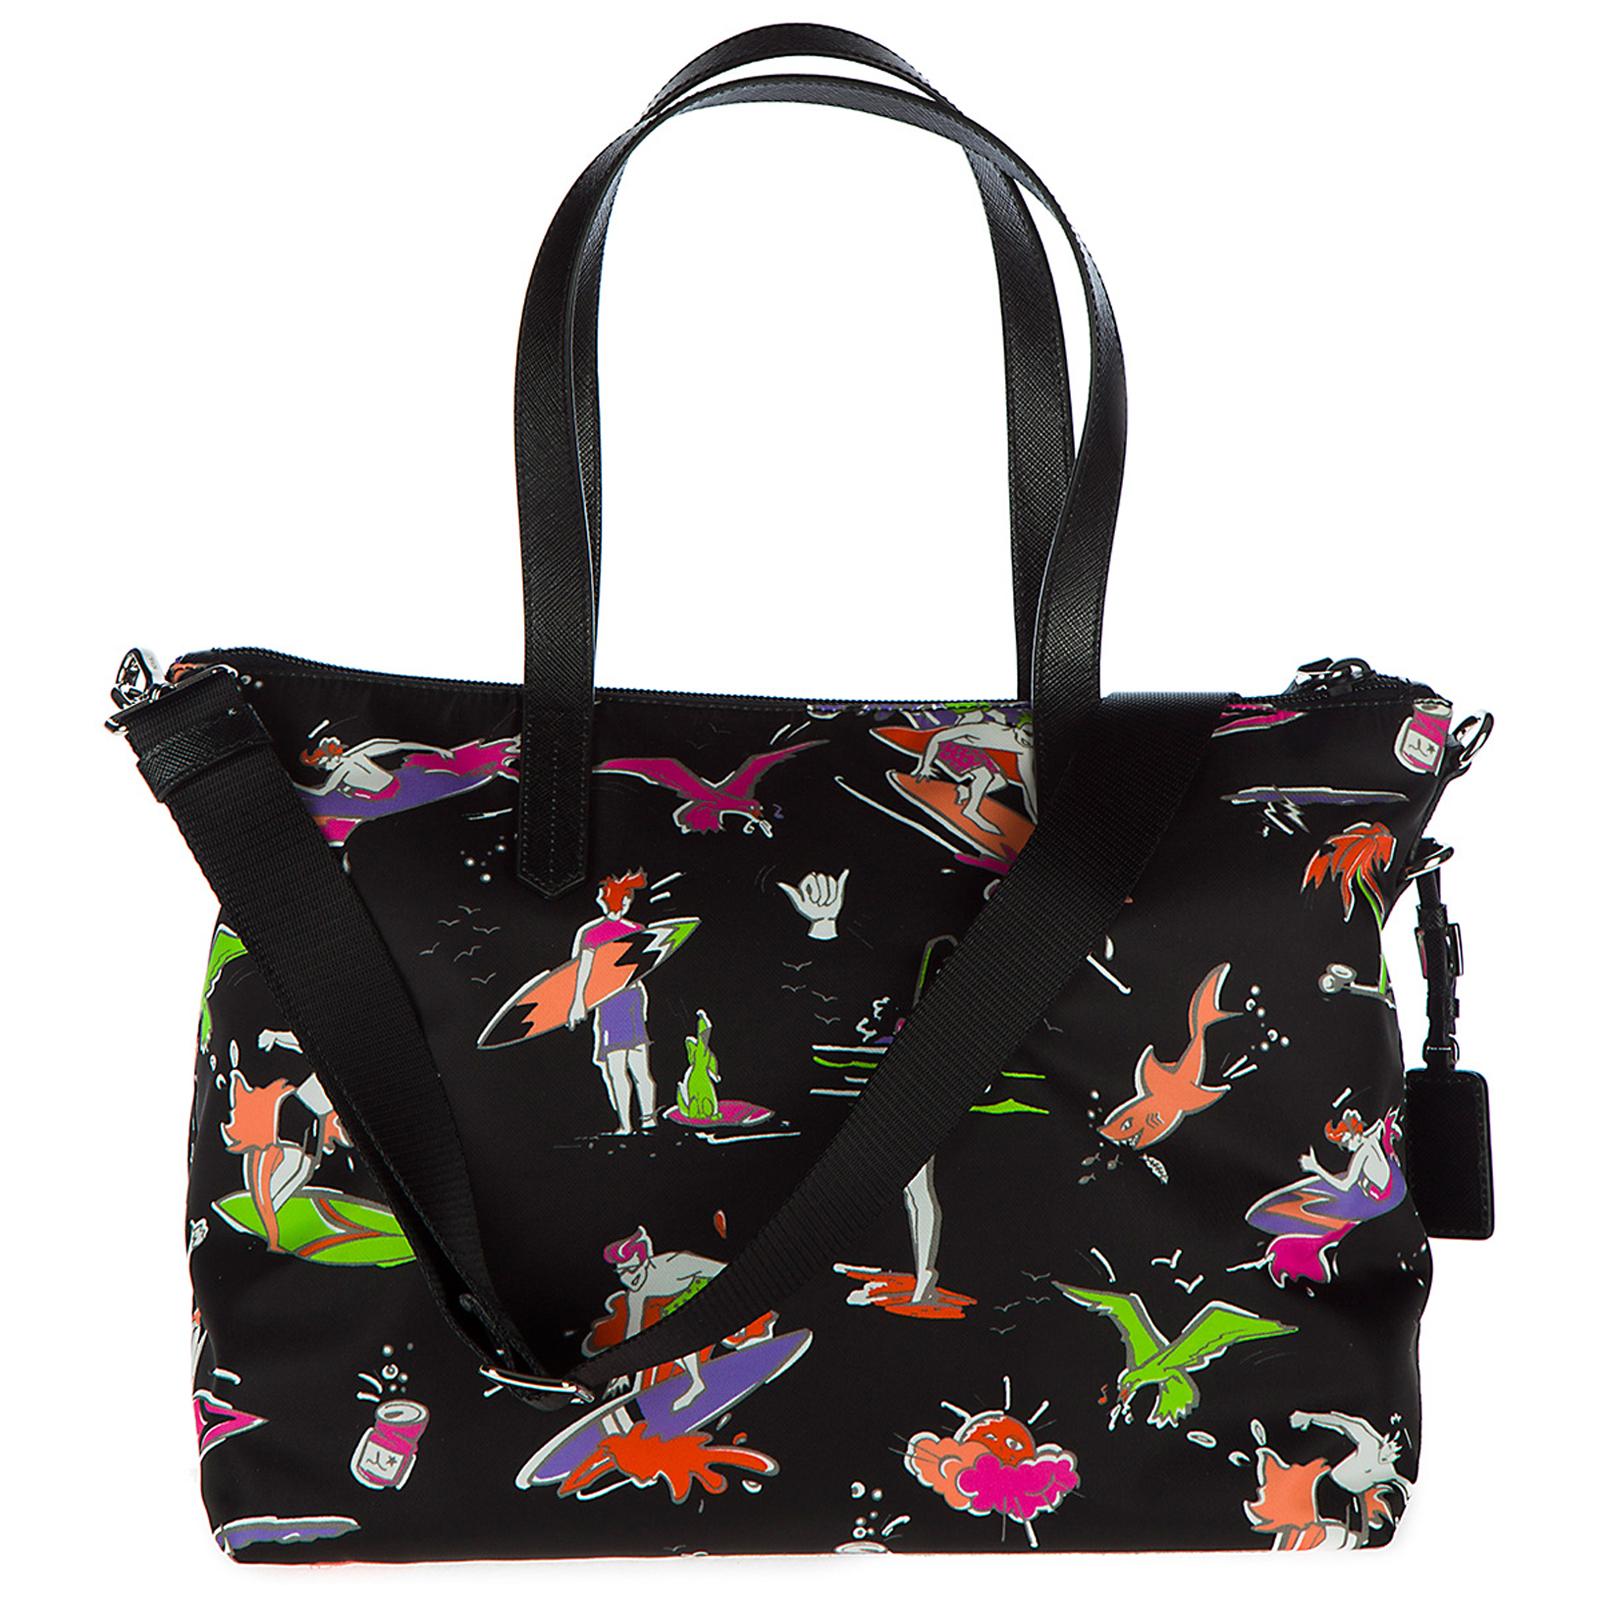 827f62d5e8 Shopping bag Prada 1BG061_2EM4_F0002 nero | FRMODA.com